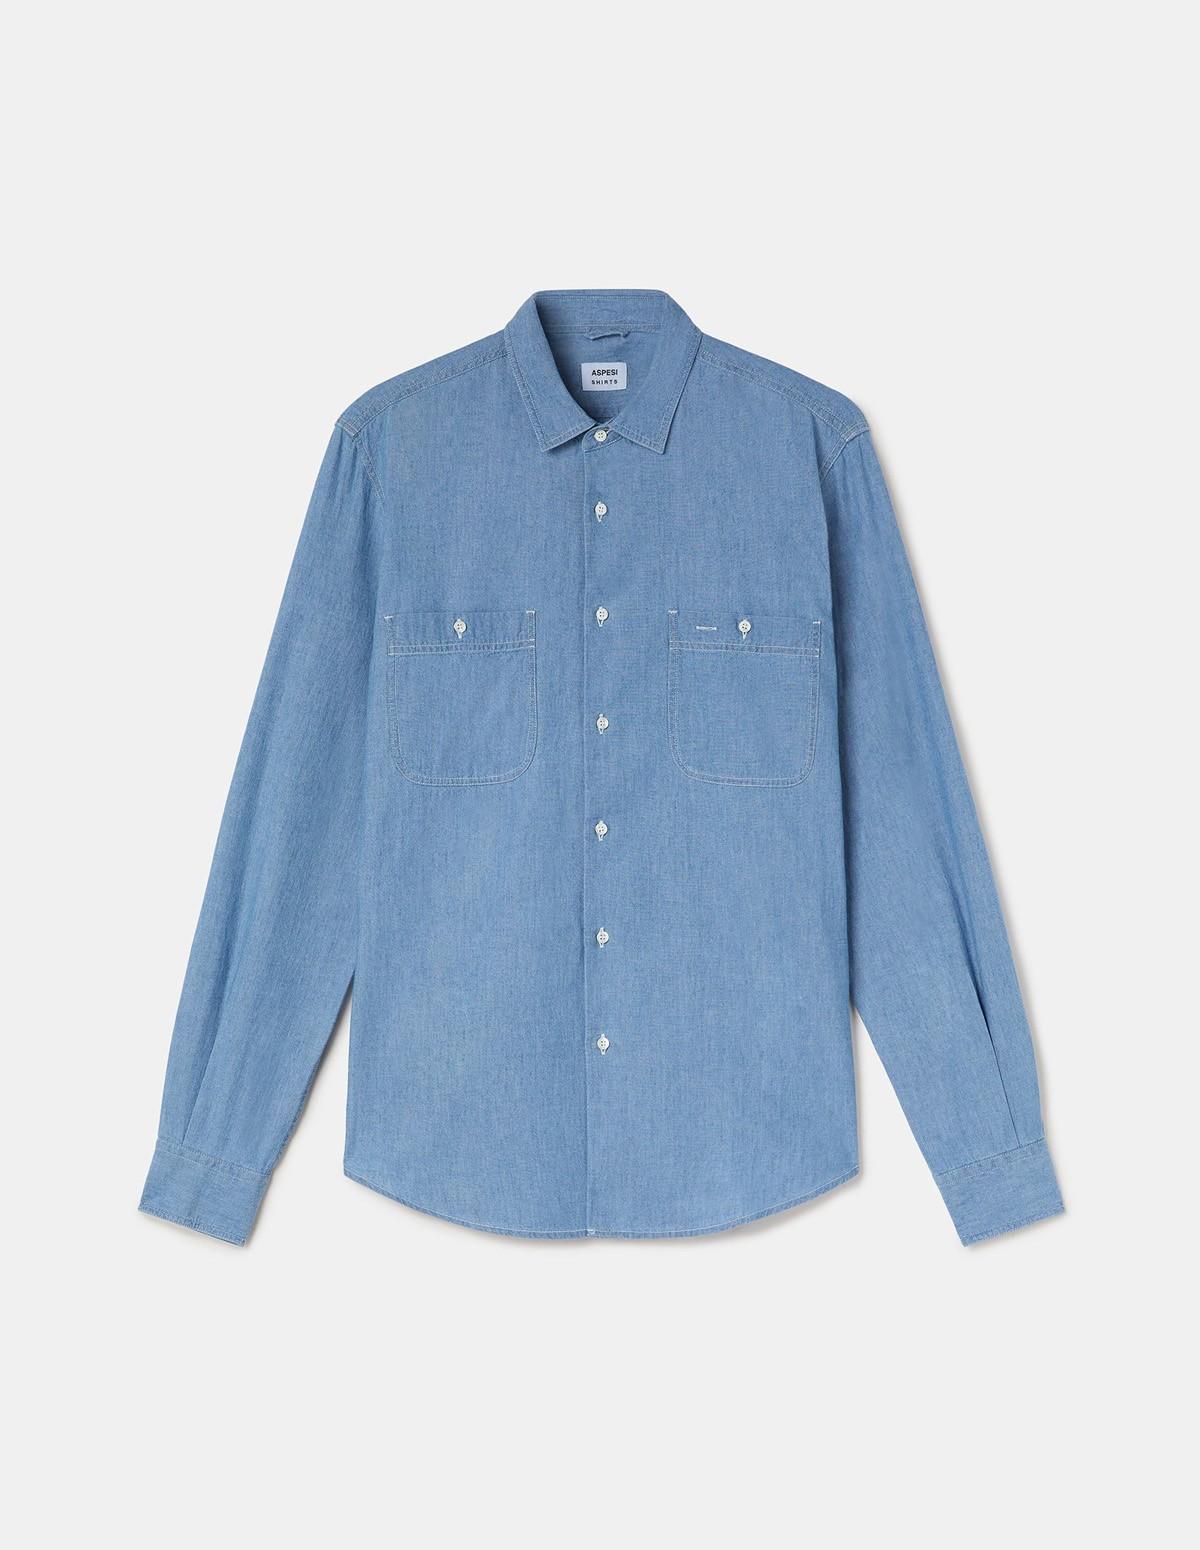 Aspesi Men's Shirt Slim - DENIM